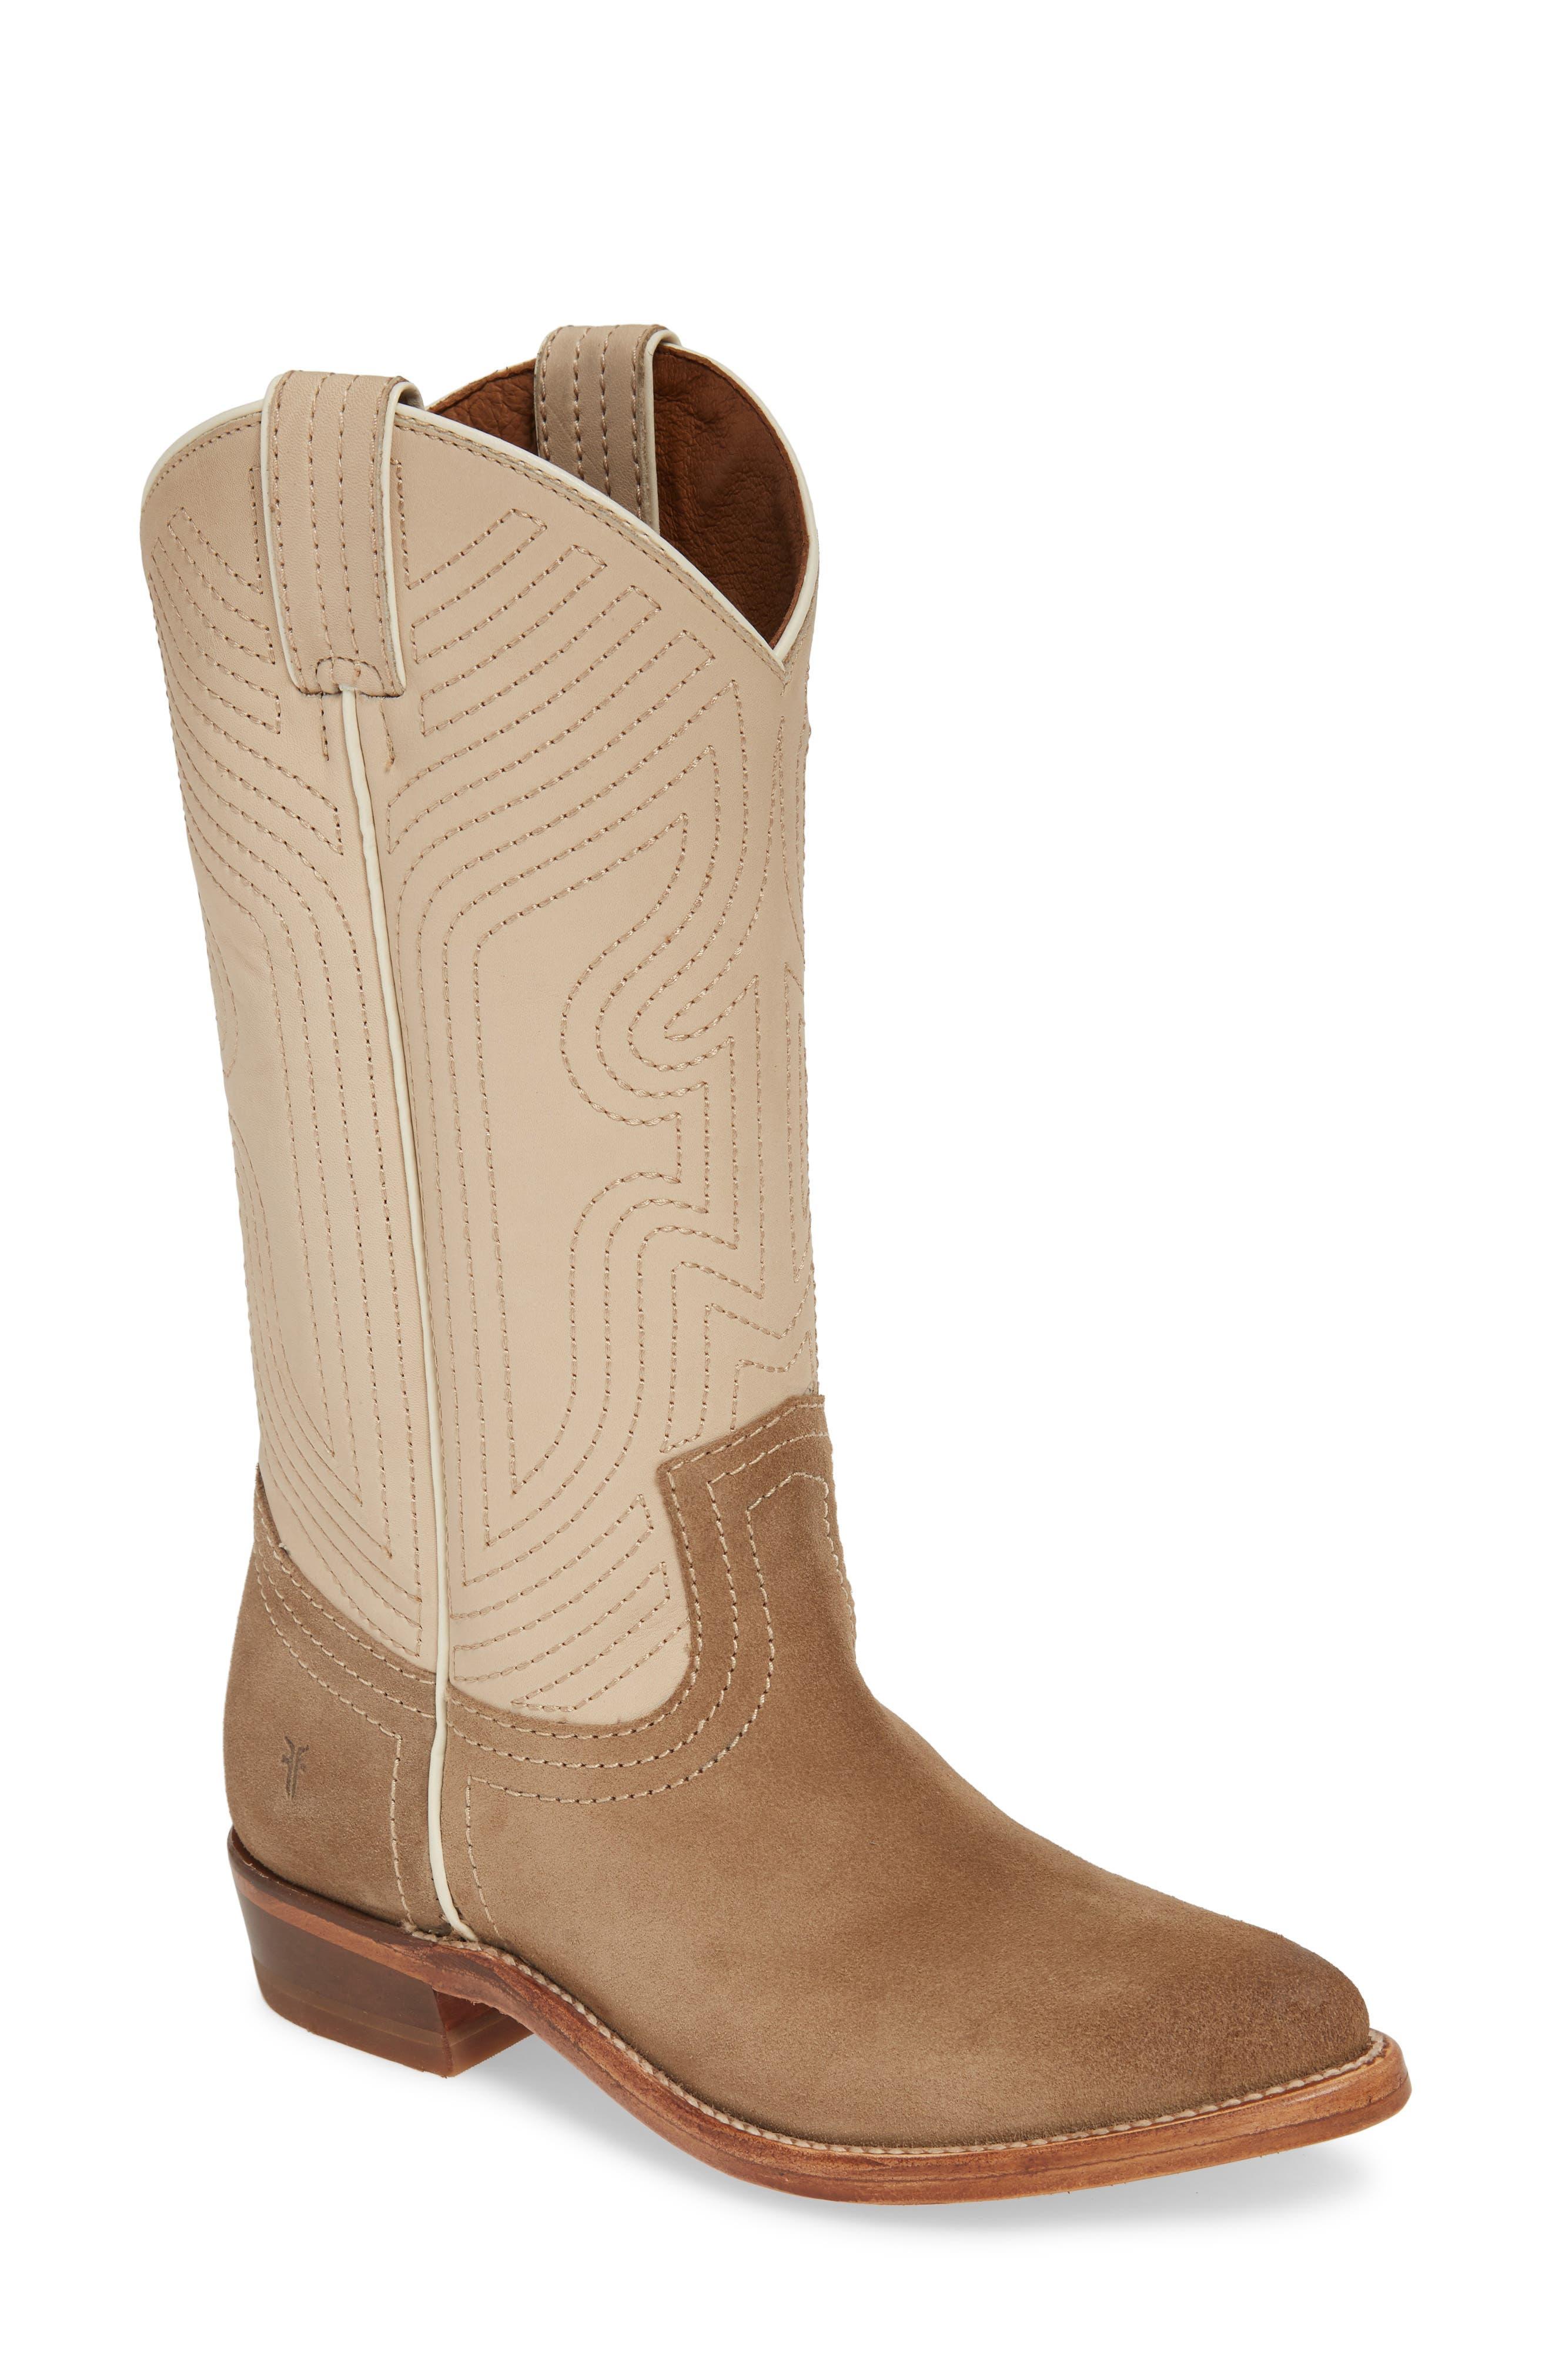 a87aca249 Sale: Women's Boots & Booties | Nordstrom